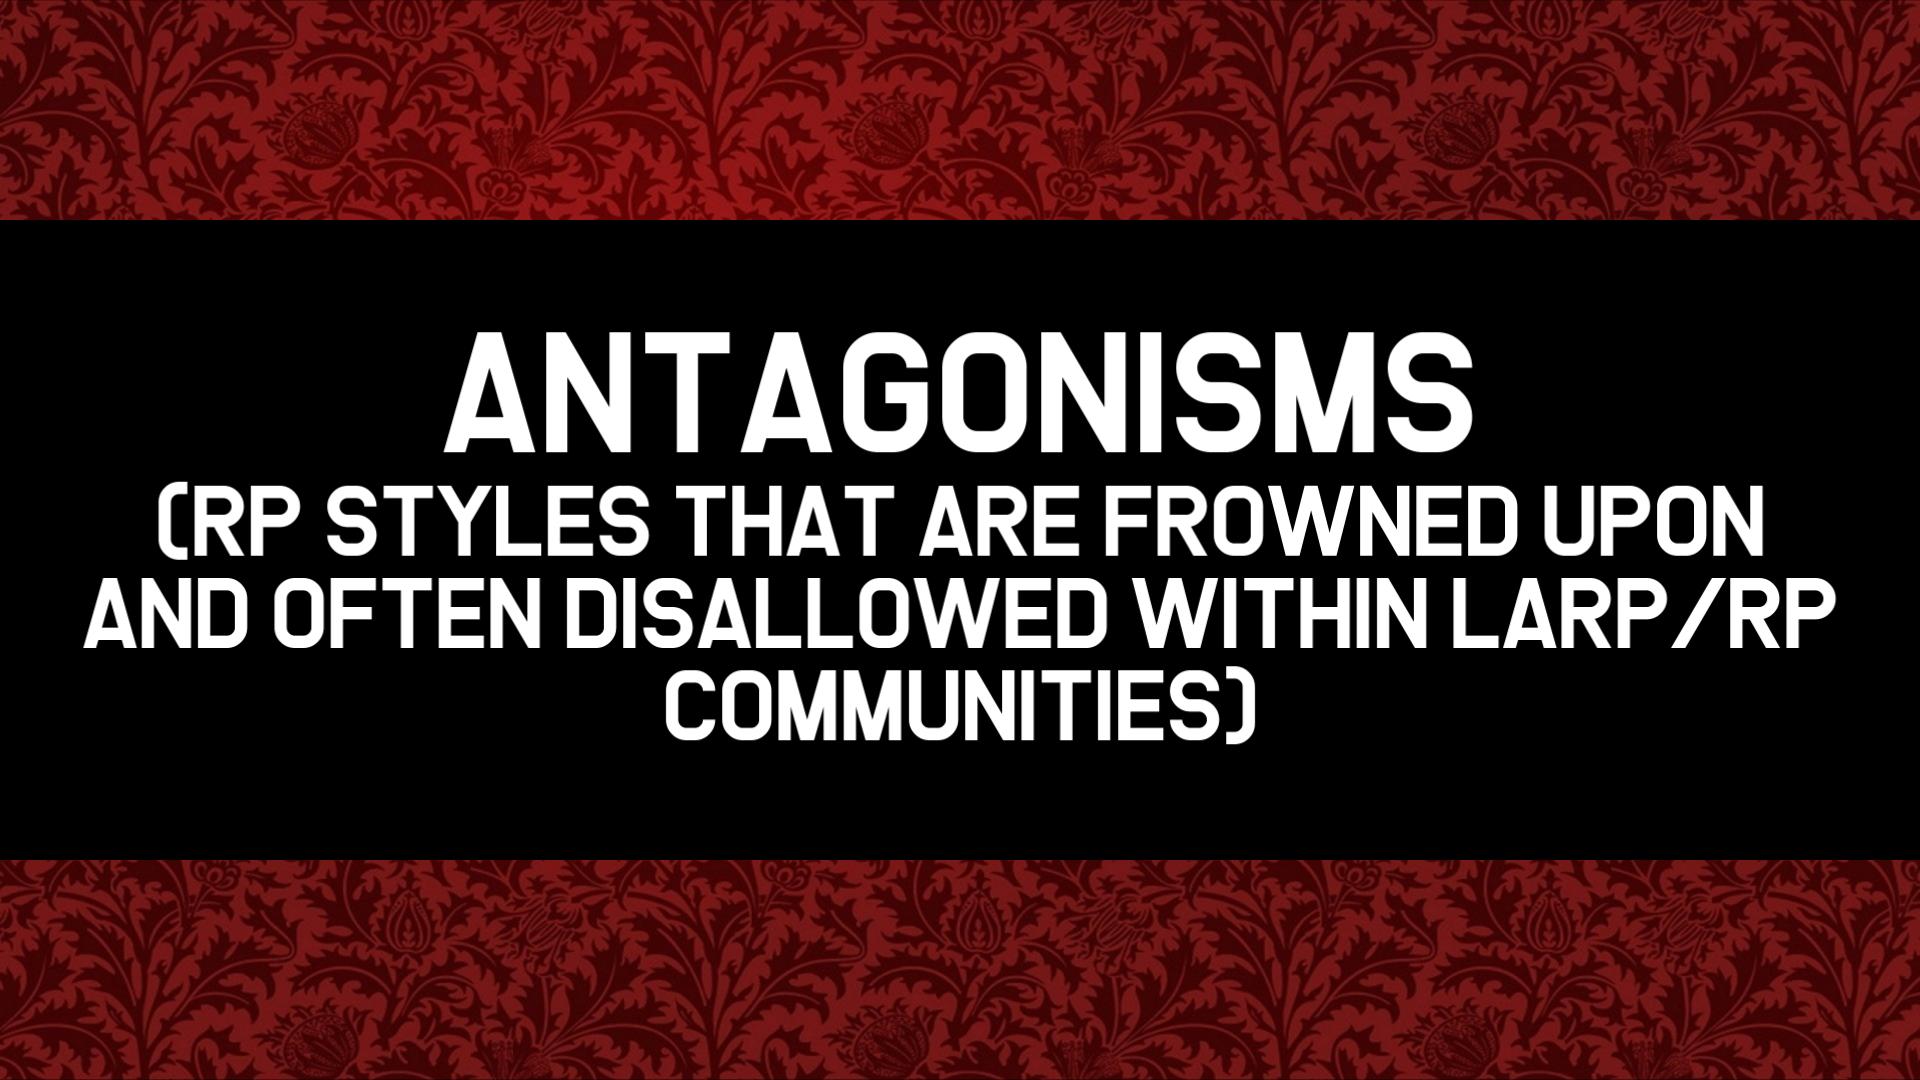 Antagonisms.png.081182e56defe5493f864899ffd2a13a.png